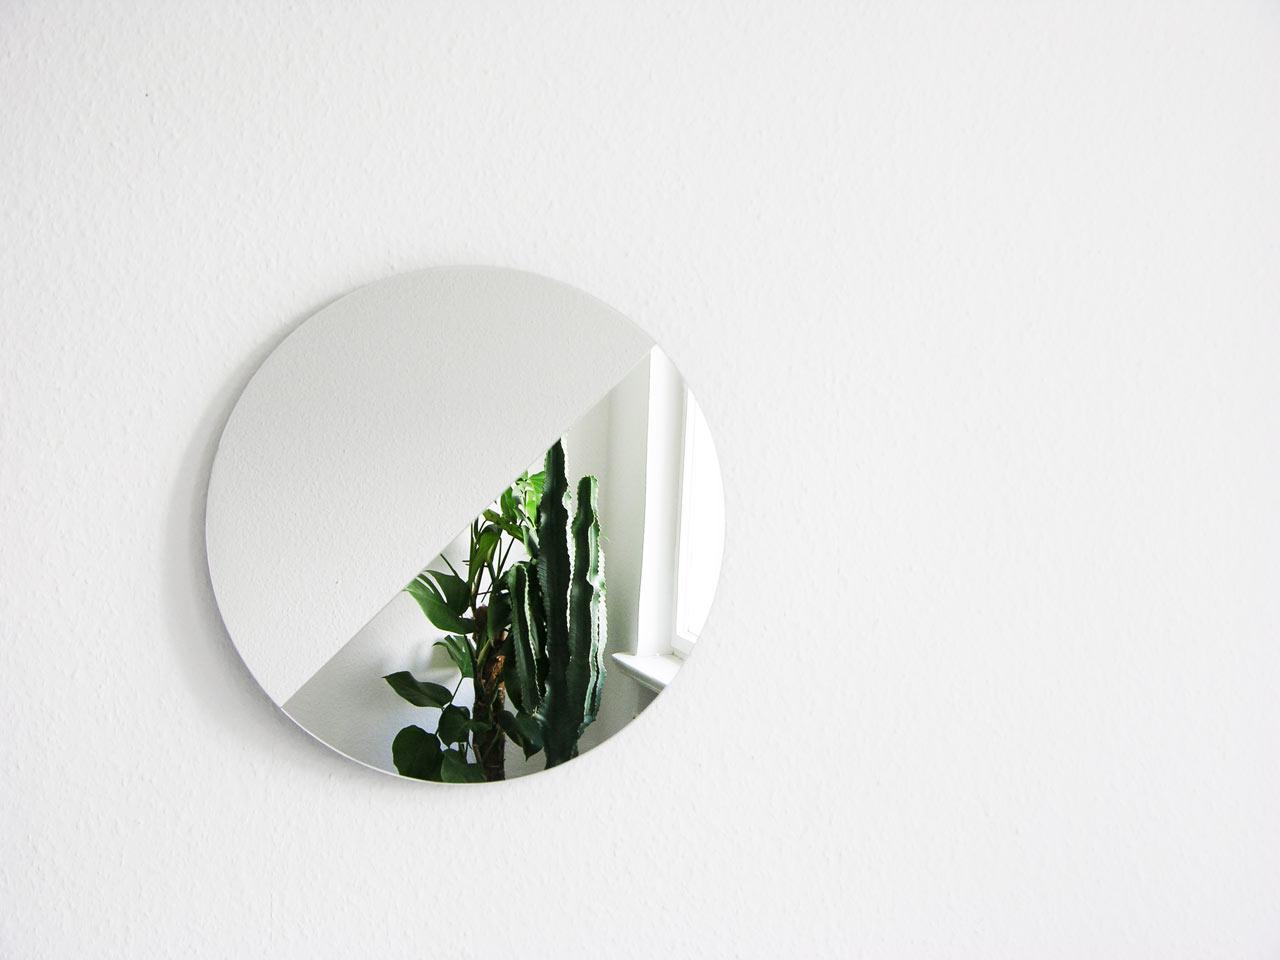 bent-perspectives-mirror-180-5-halb-halb